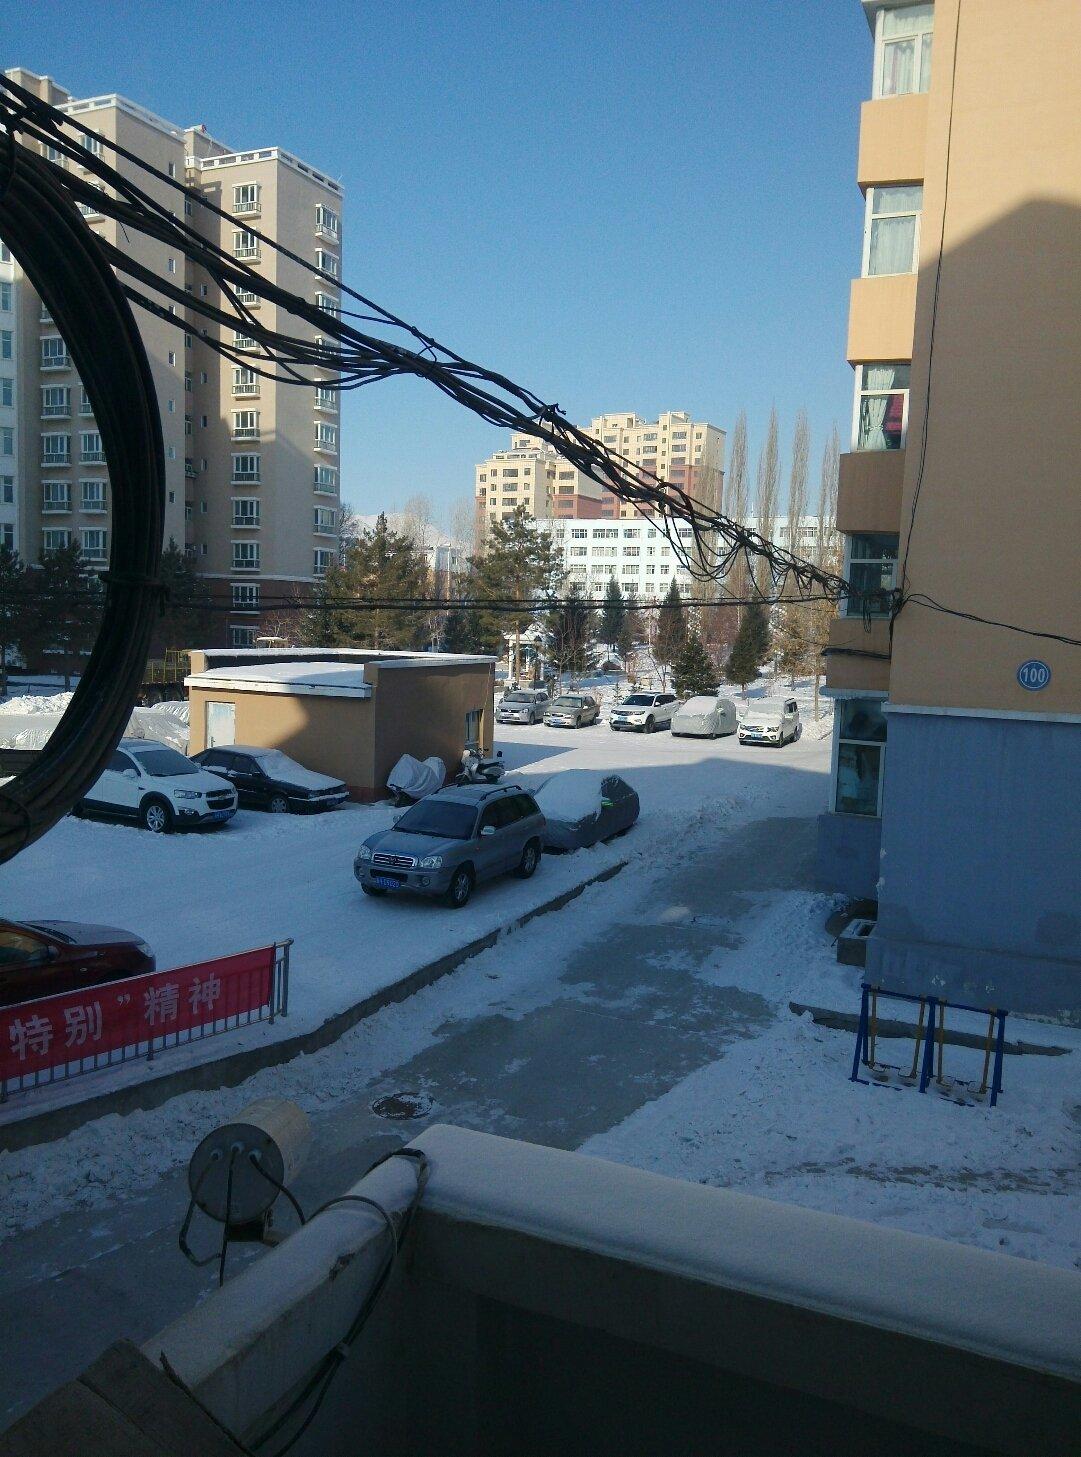 新疆维吾尔自治区阿勒泰地区阿勒泰市金山北路17-5号靠近阿勒泰广播电视大学天气预报